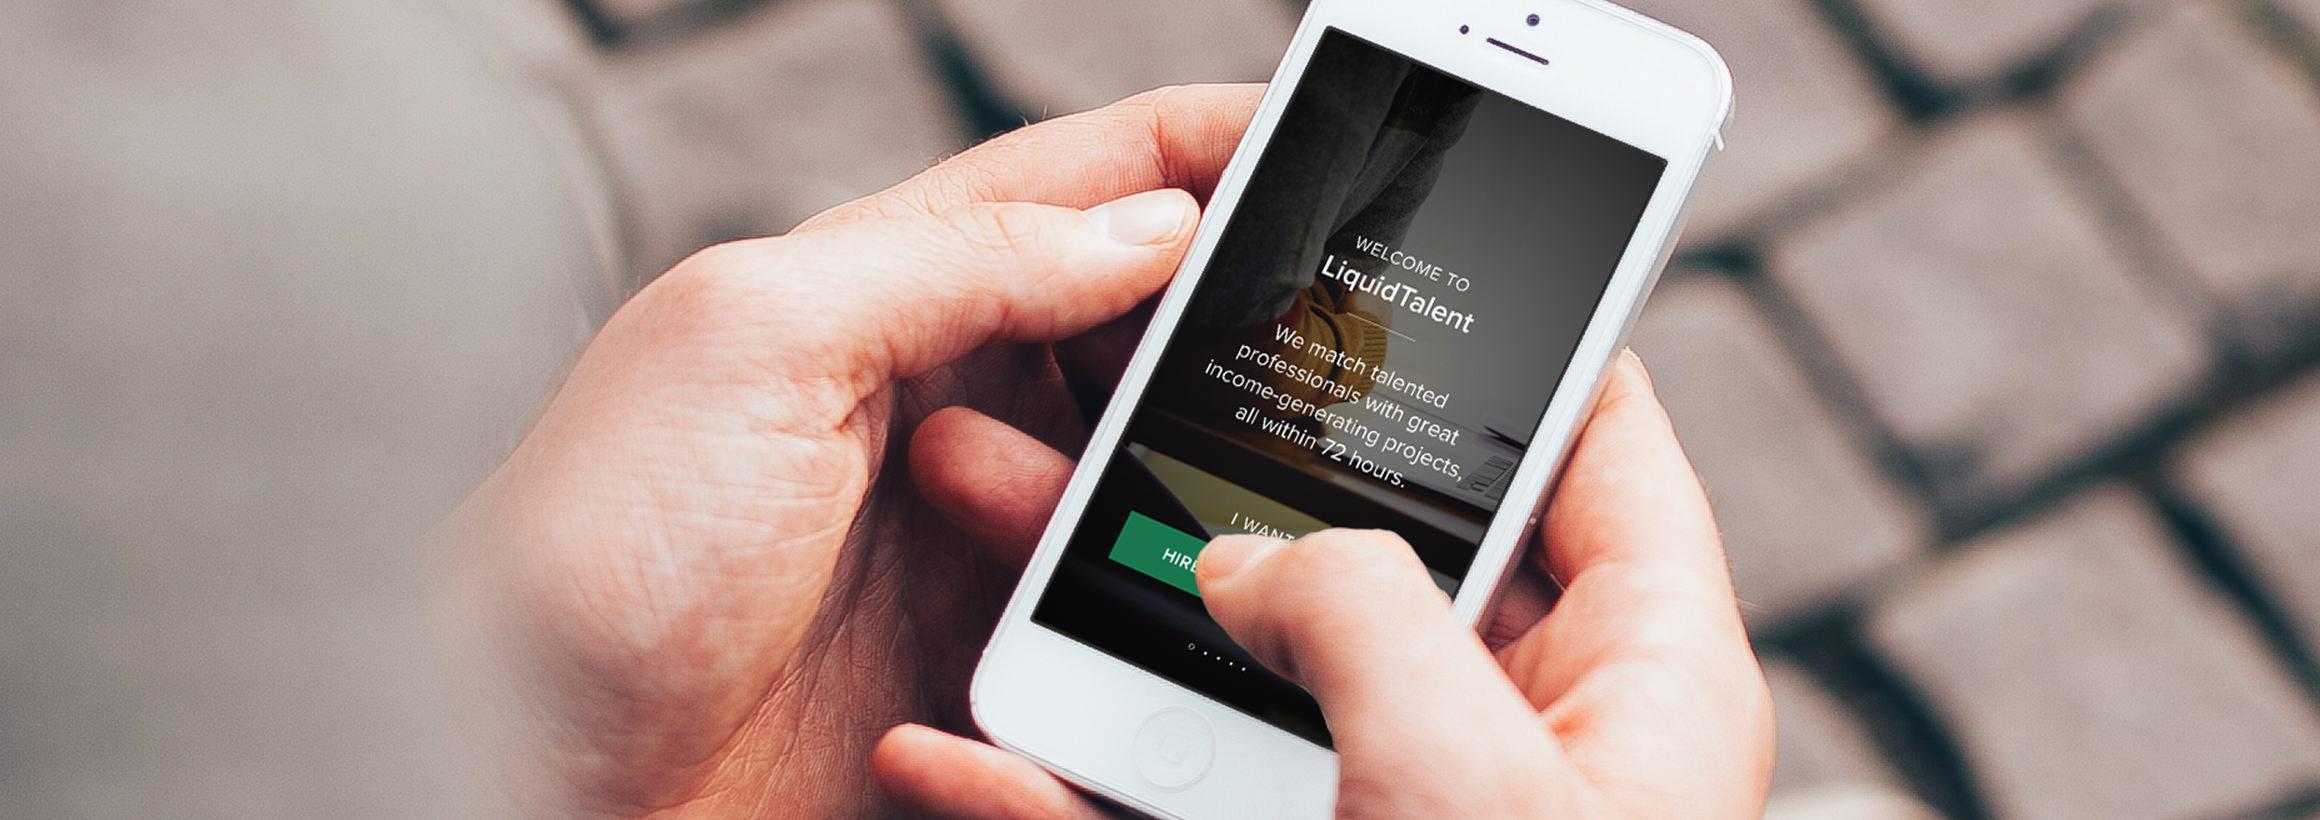 Liquid Talent - Product Strategy, Rebranding, UI/UX Design